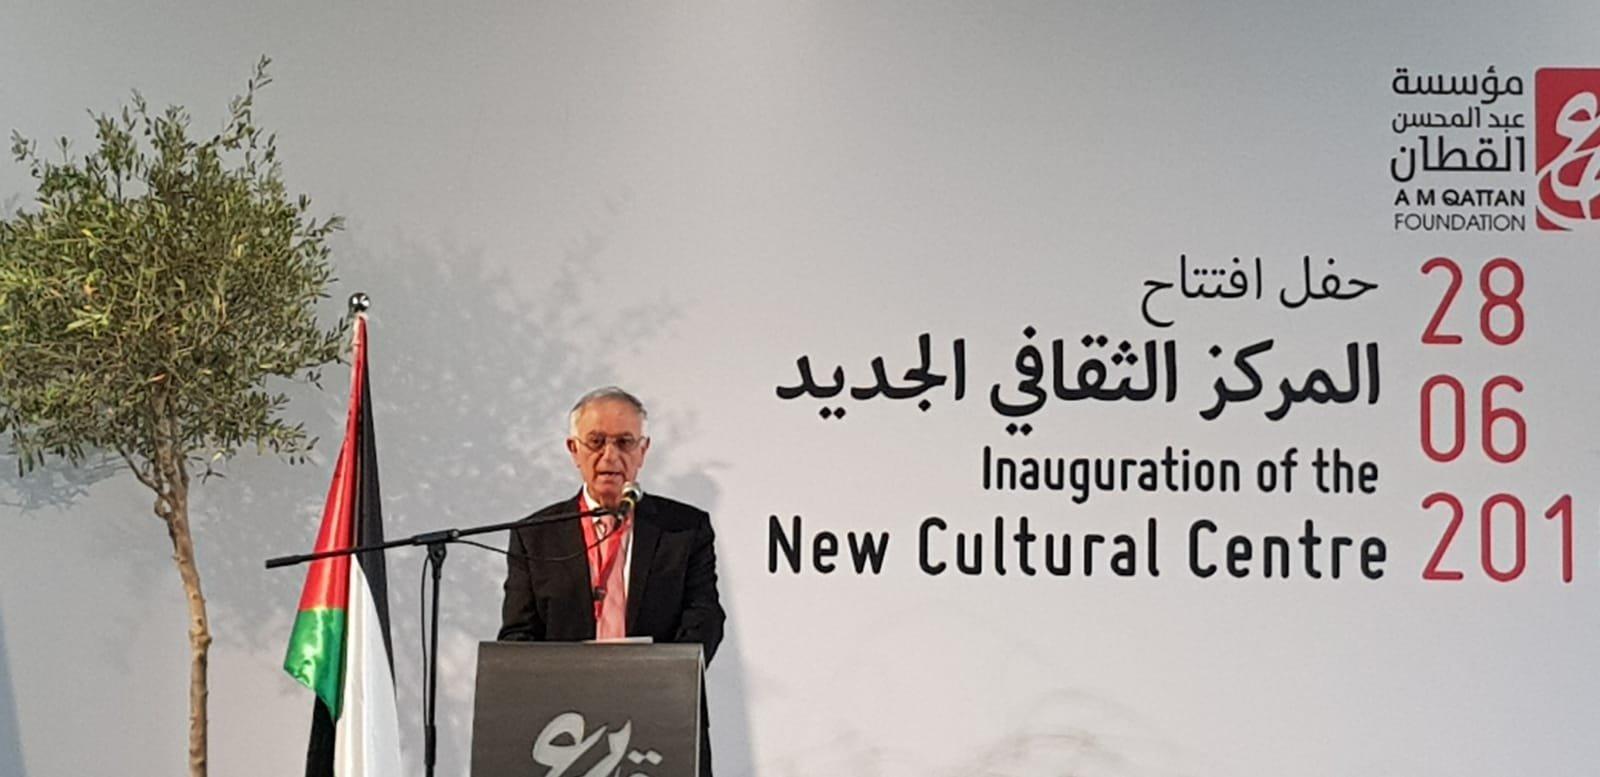 المركز الثقافي  الجديد في رام الله صرح للحوار والتأمل والإنتاج الثقافي